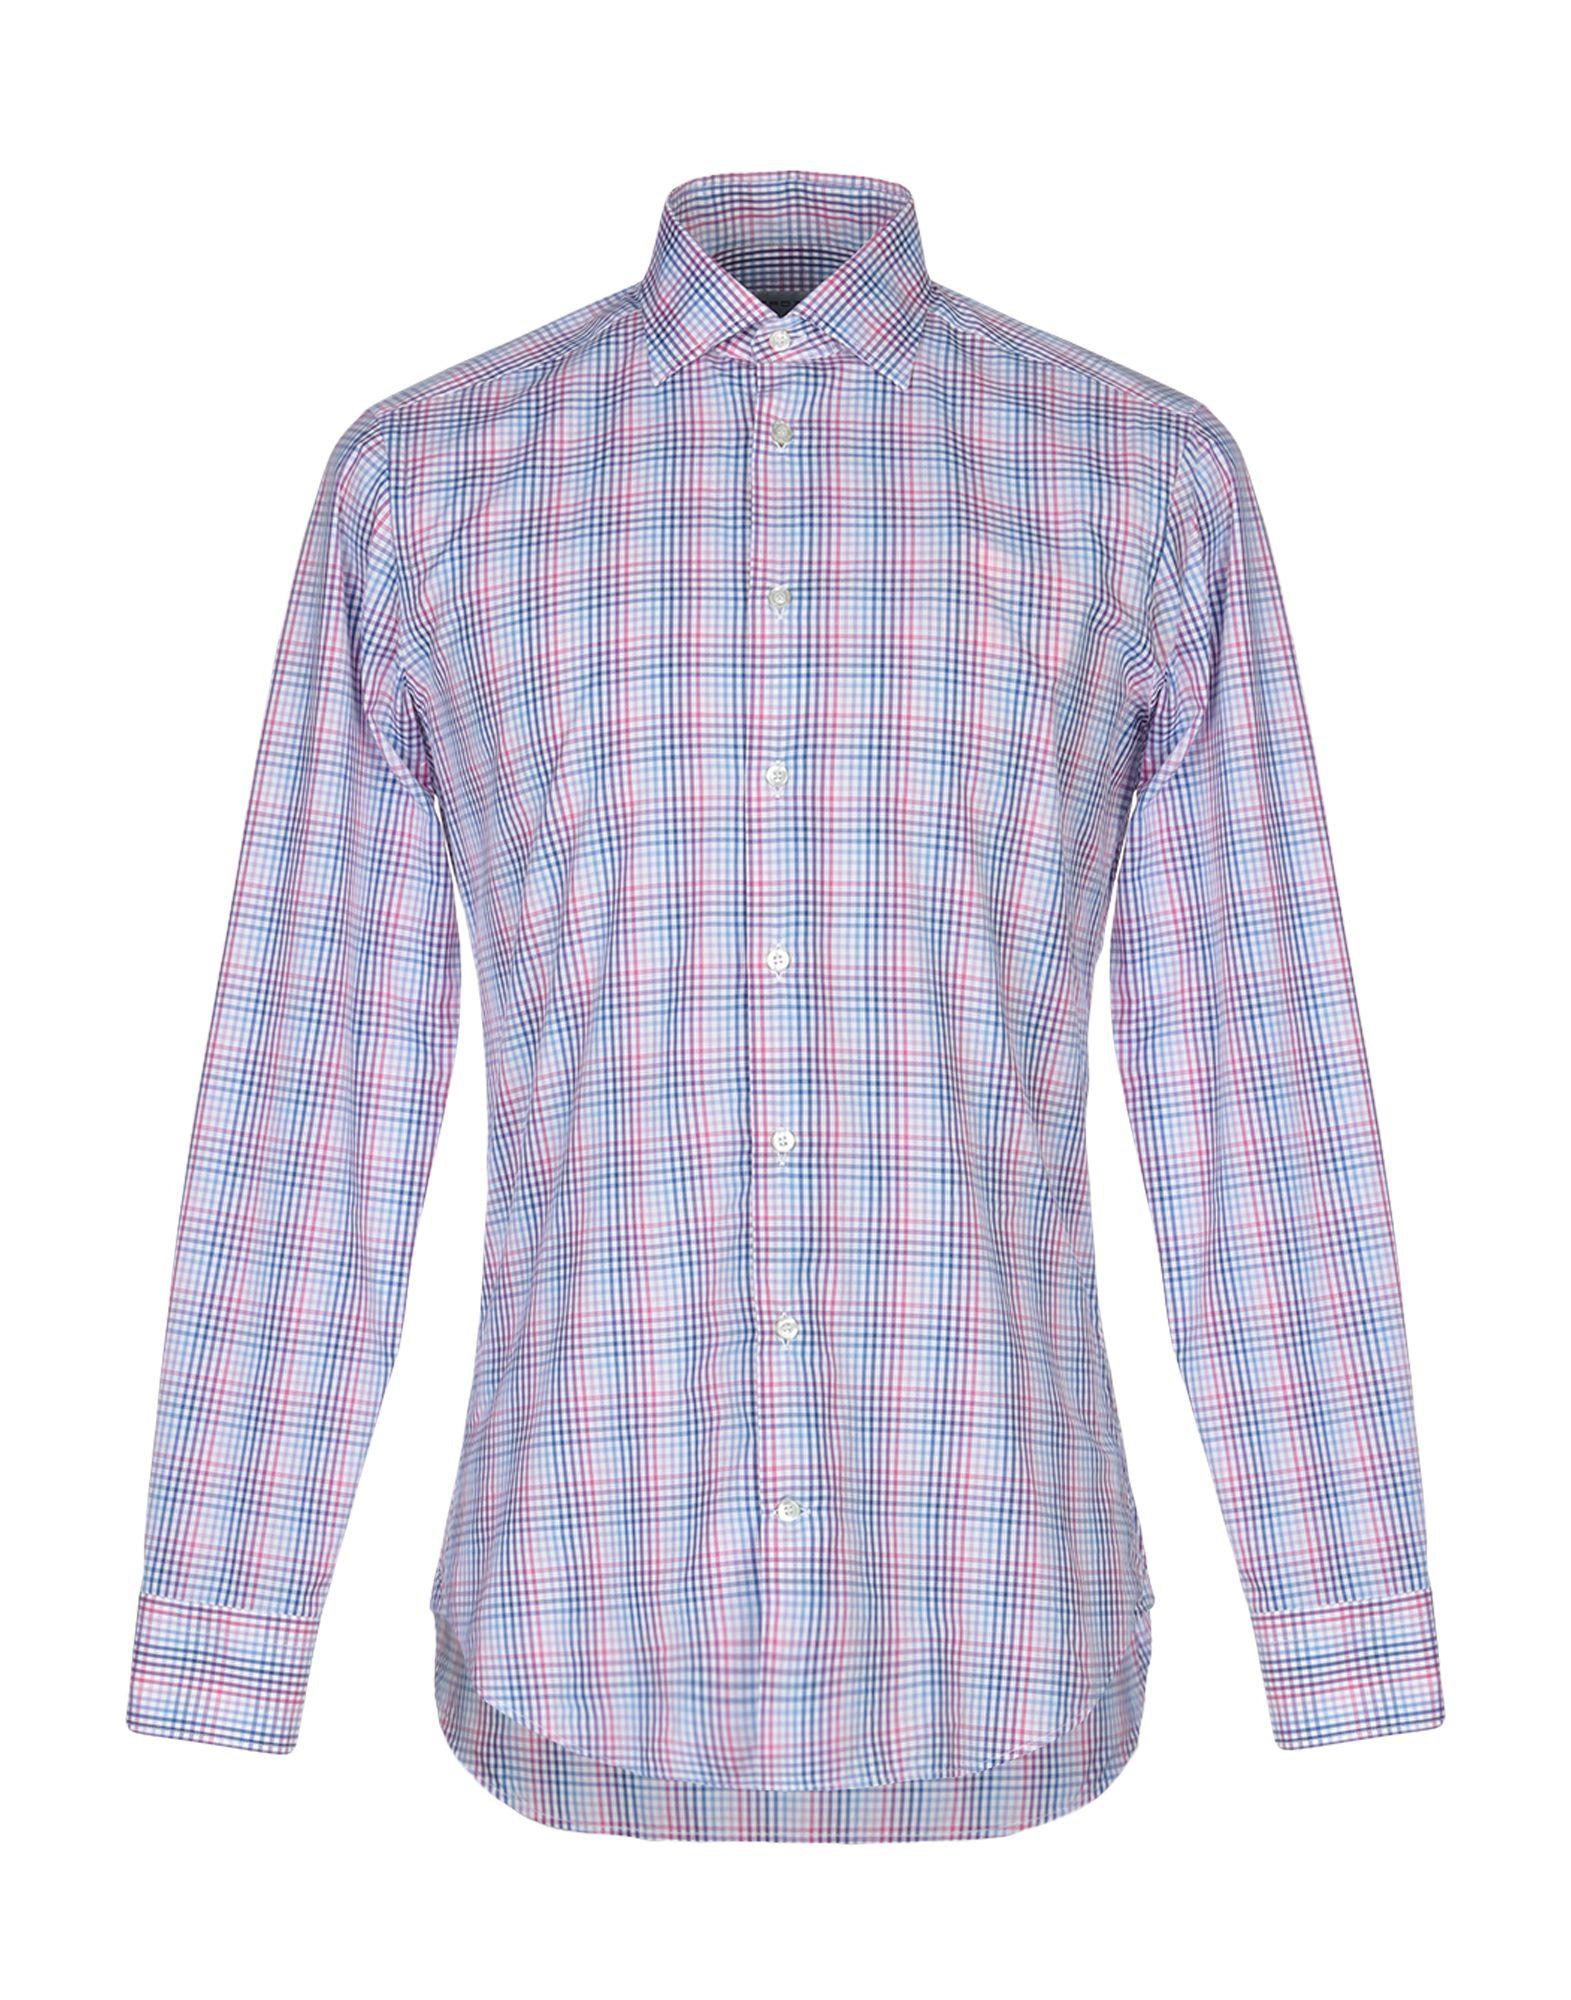 《送料無料》ETRO メンズ シャツ ピンク 39 100% コットン